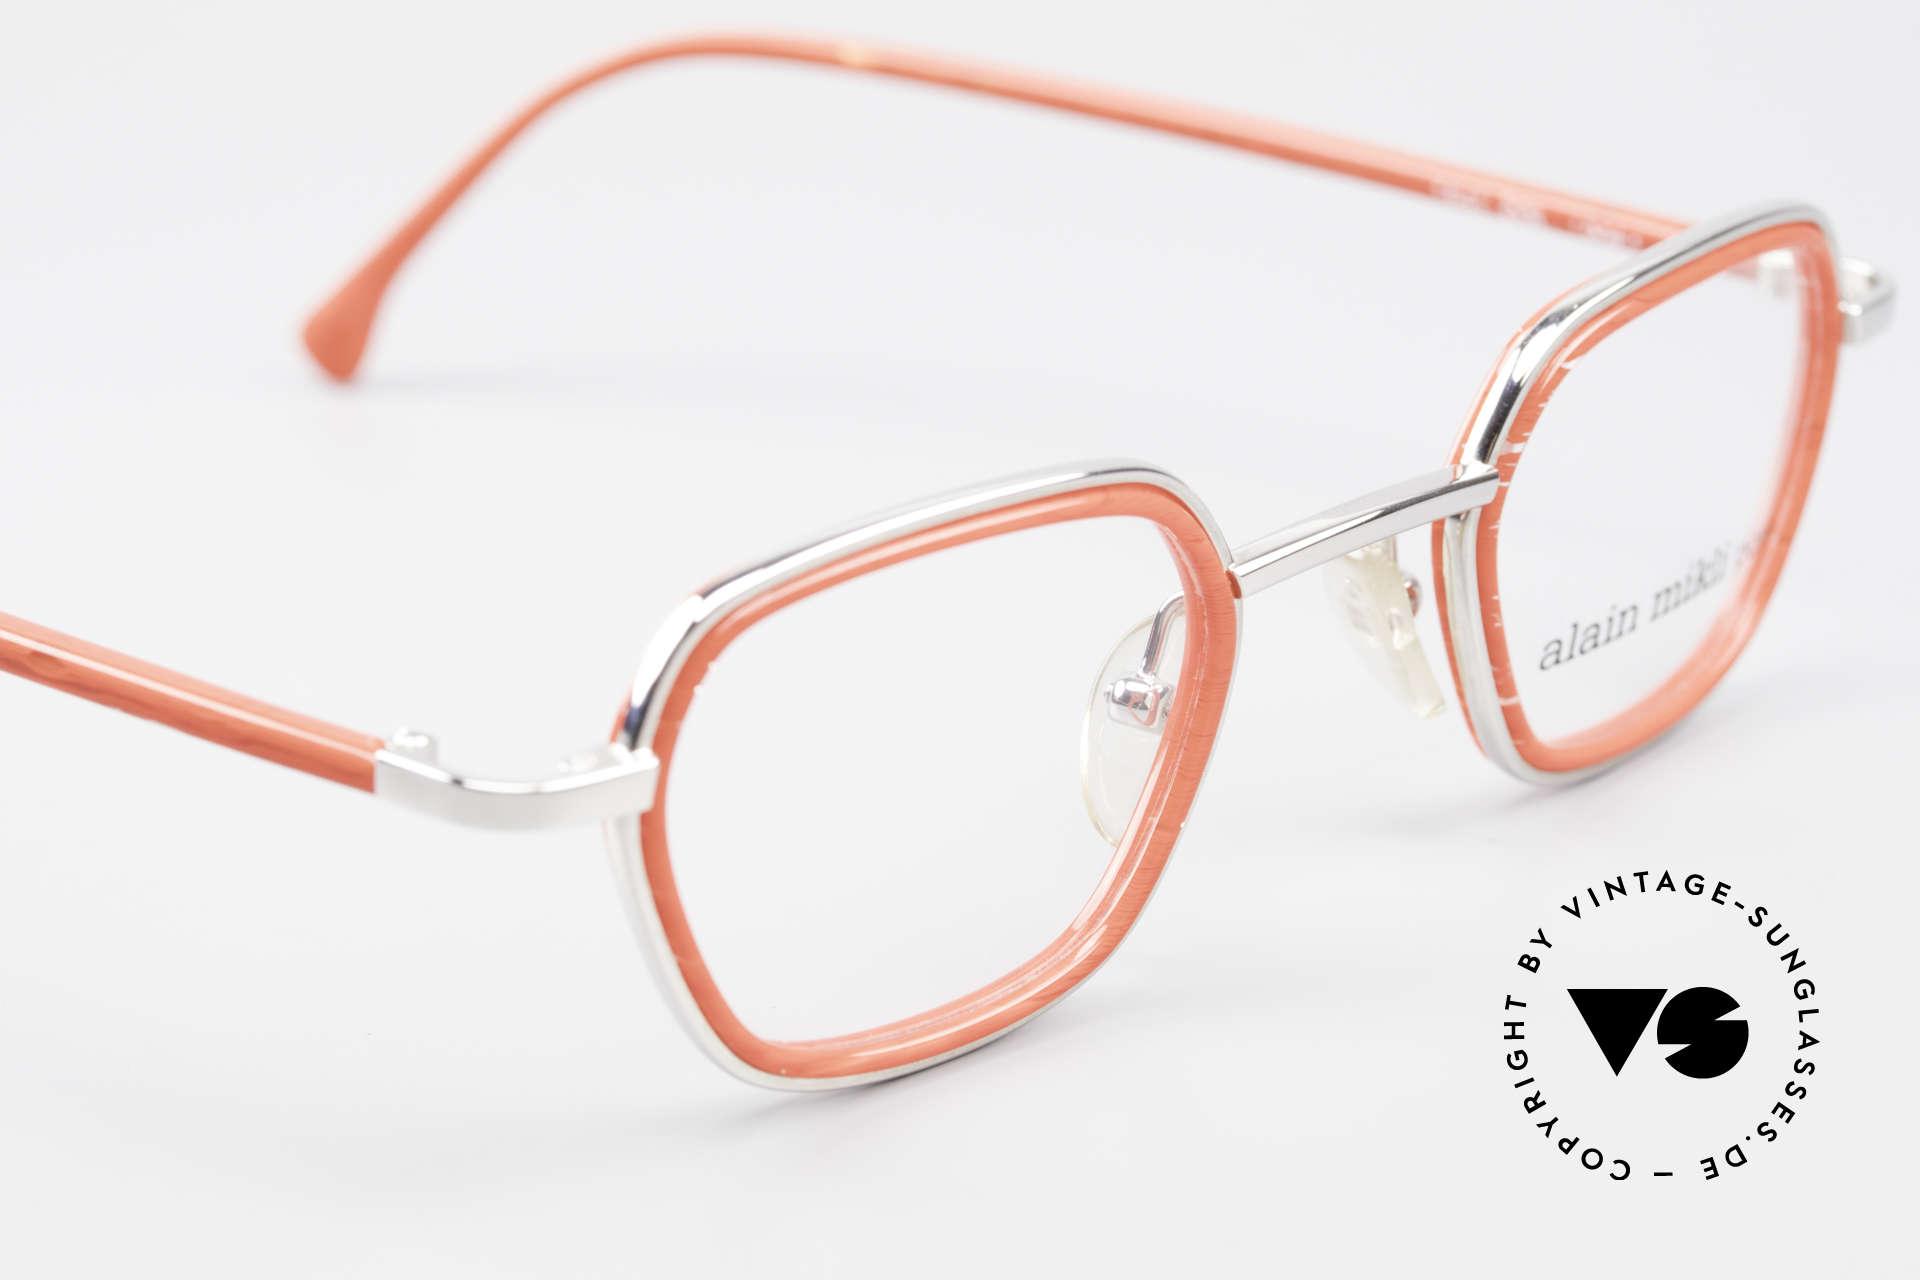 Alain Mikli 1642 / 1006 Vintage Brille In Mikli Rot, KEINE Retromode, sondern ein altes 90er Original, Passend für Damen